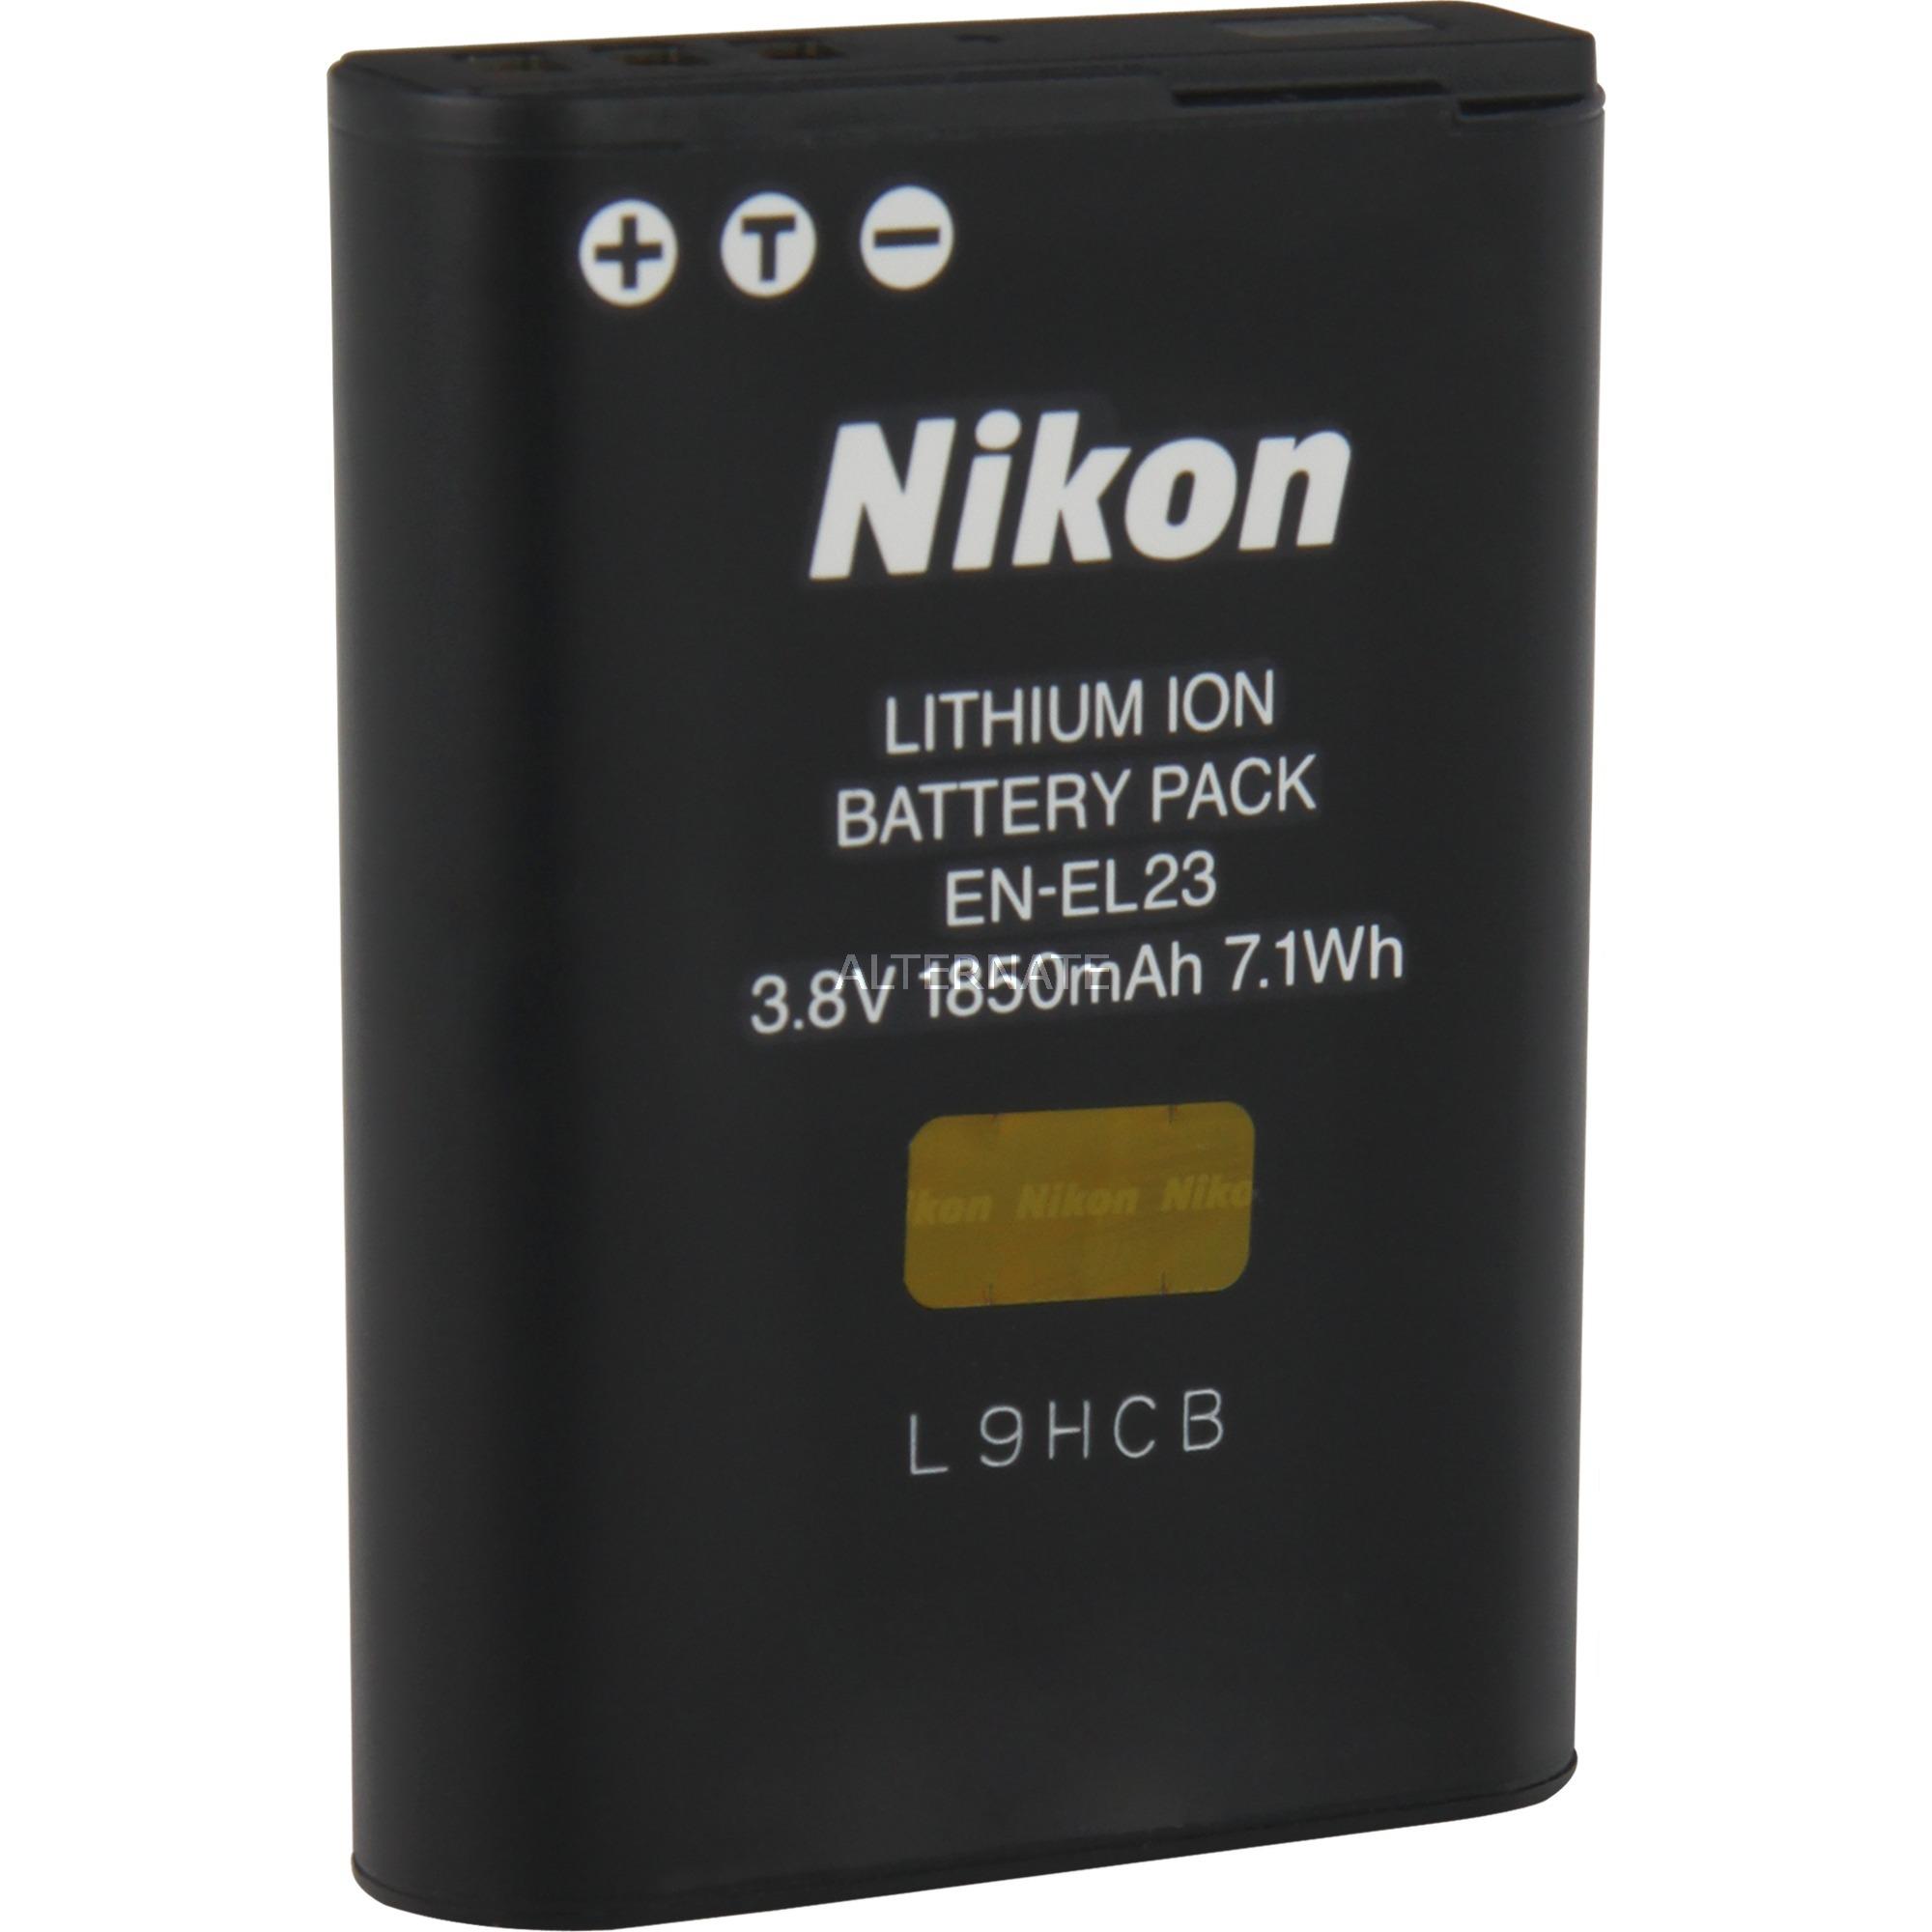 EN-EL23 iones de litio 1850mAh 3.8V batería recargable, Batería para cámara